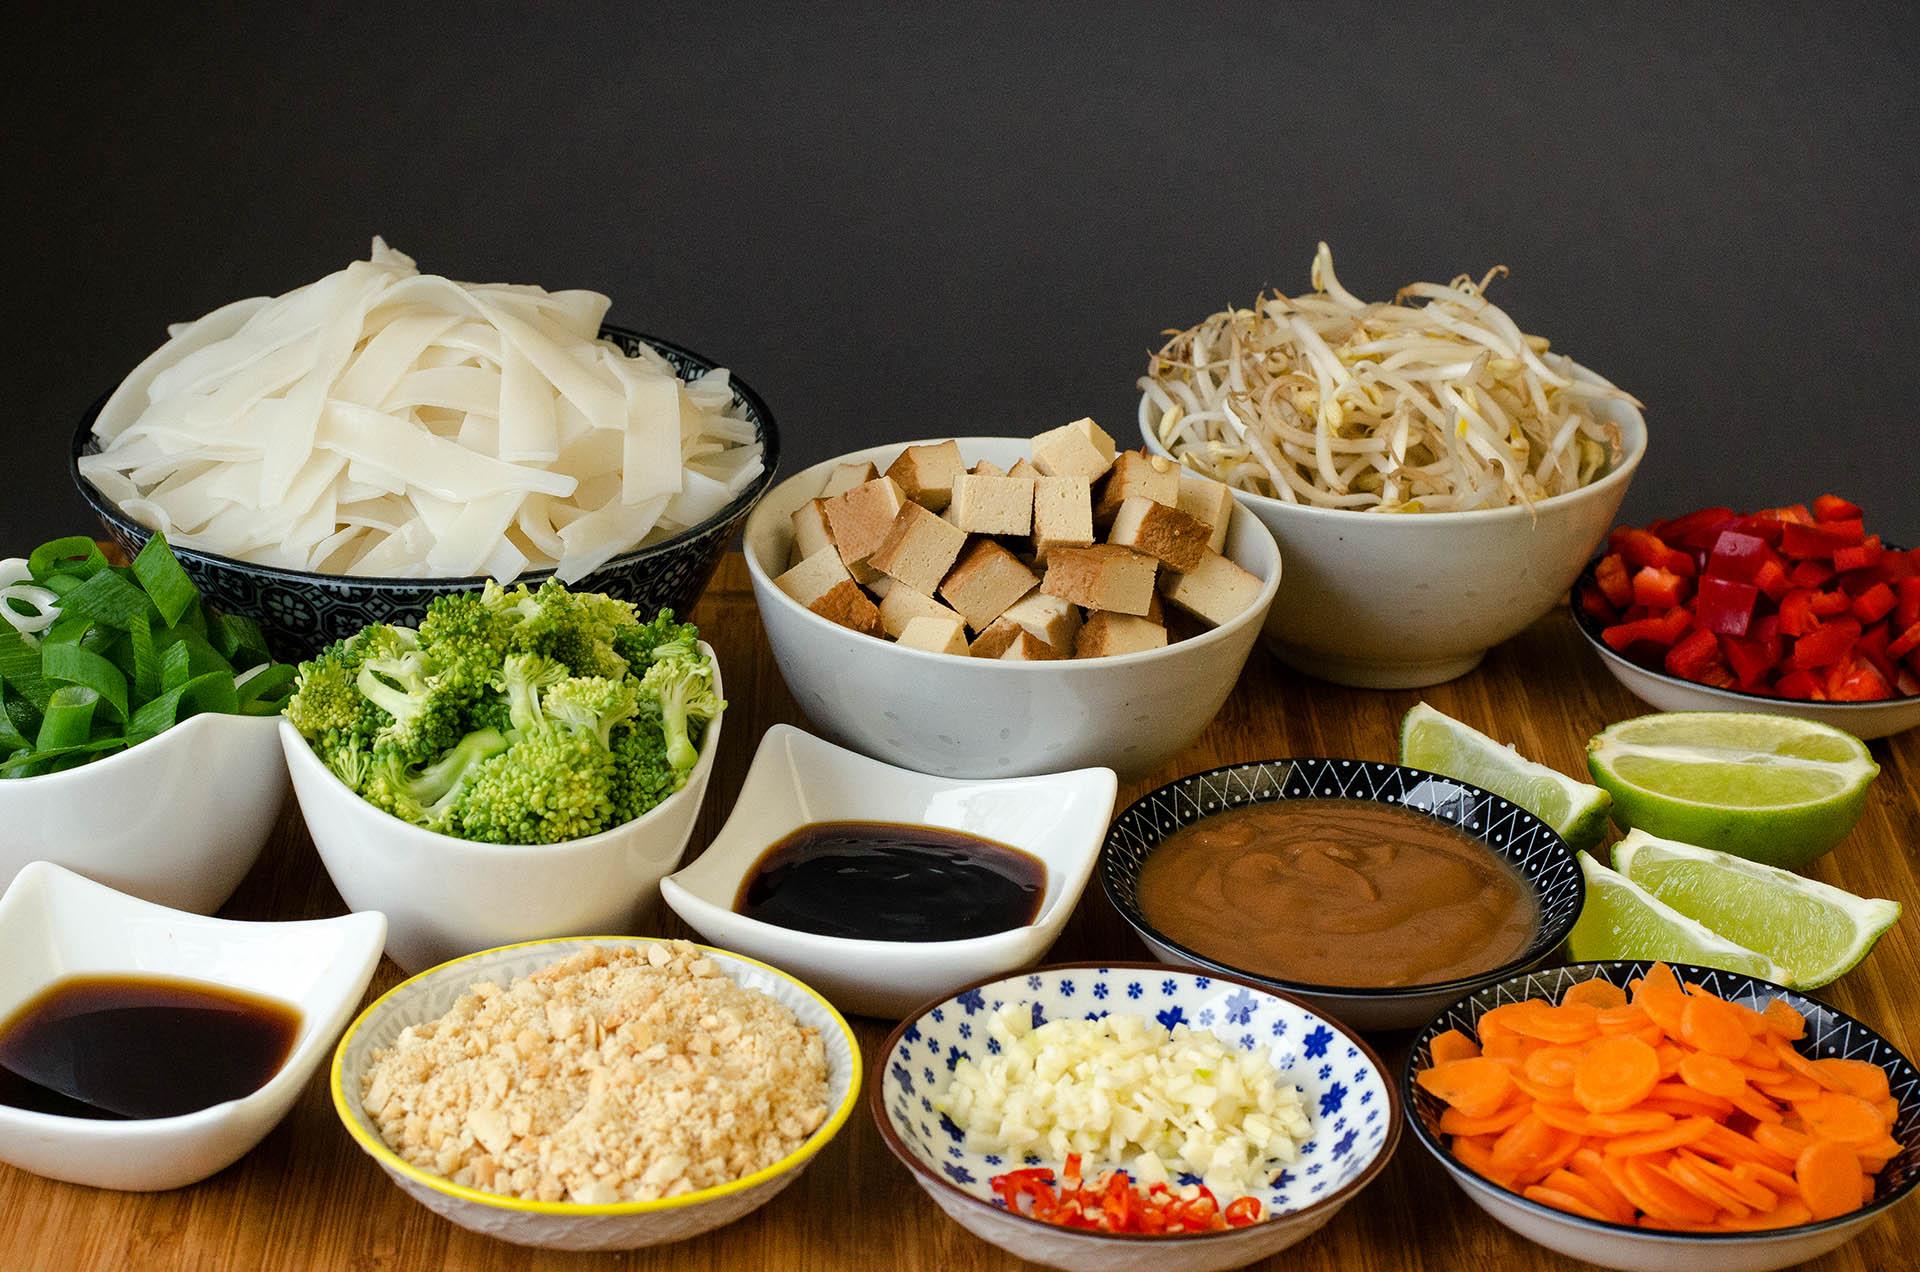 Zutaten für das vegane Pad Thai klein geschnitten